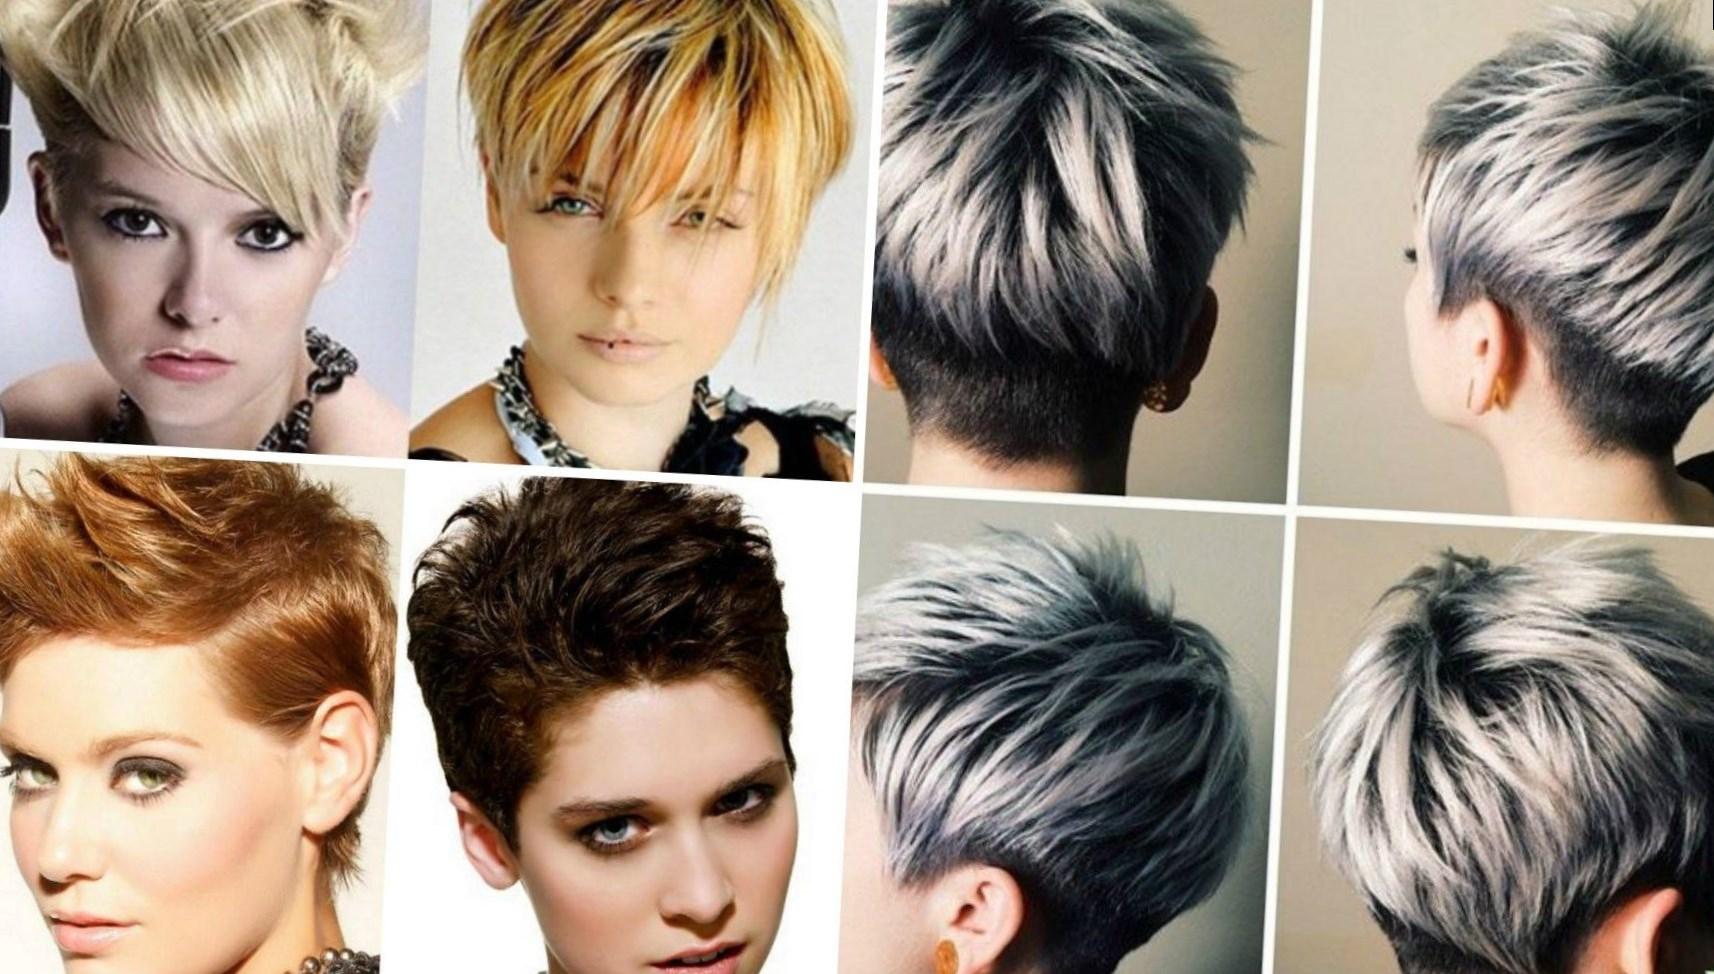 Фото модных и крутых стрижек на короткие волосы: каре, боб, пикси, каскад, гарсон и другие многослойные стрижки.